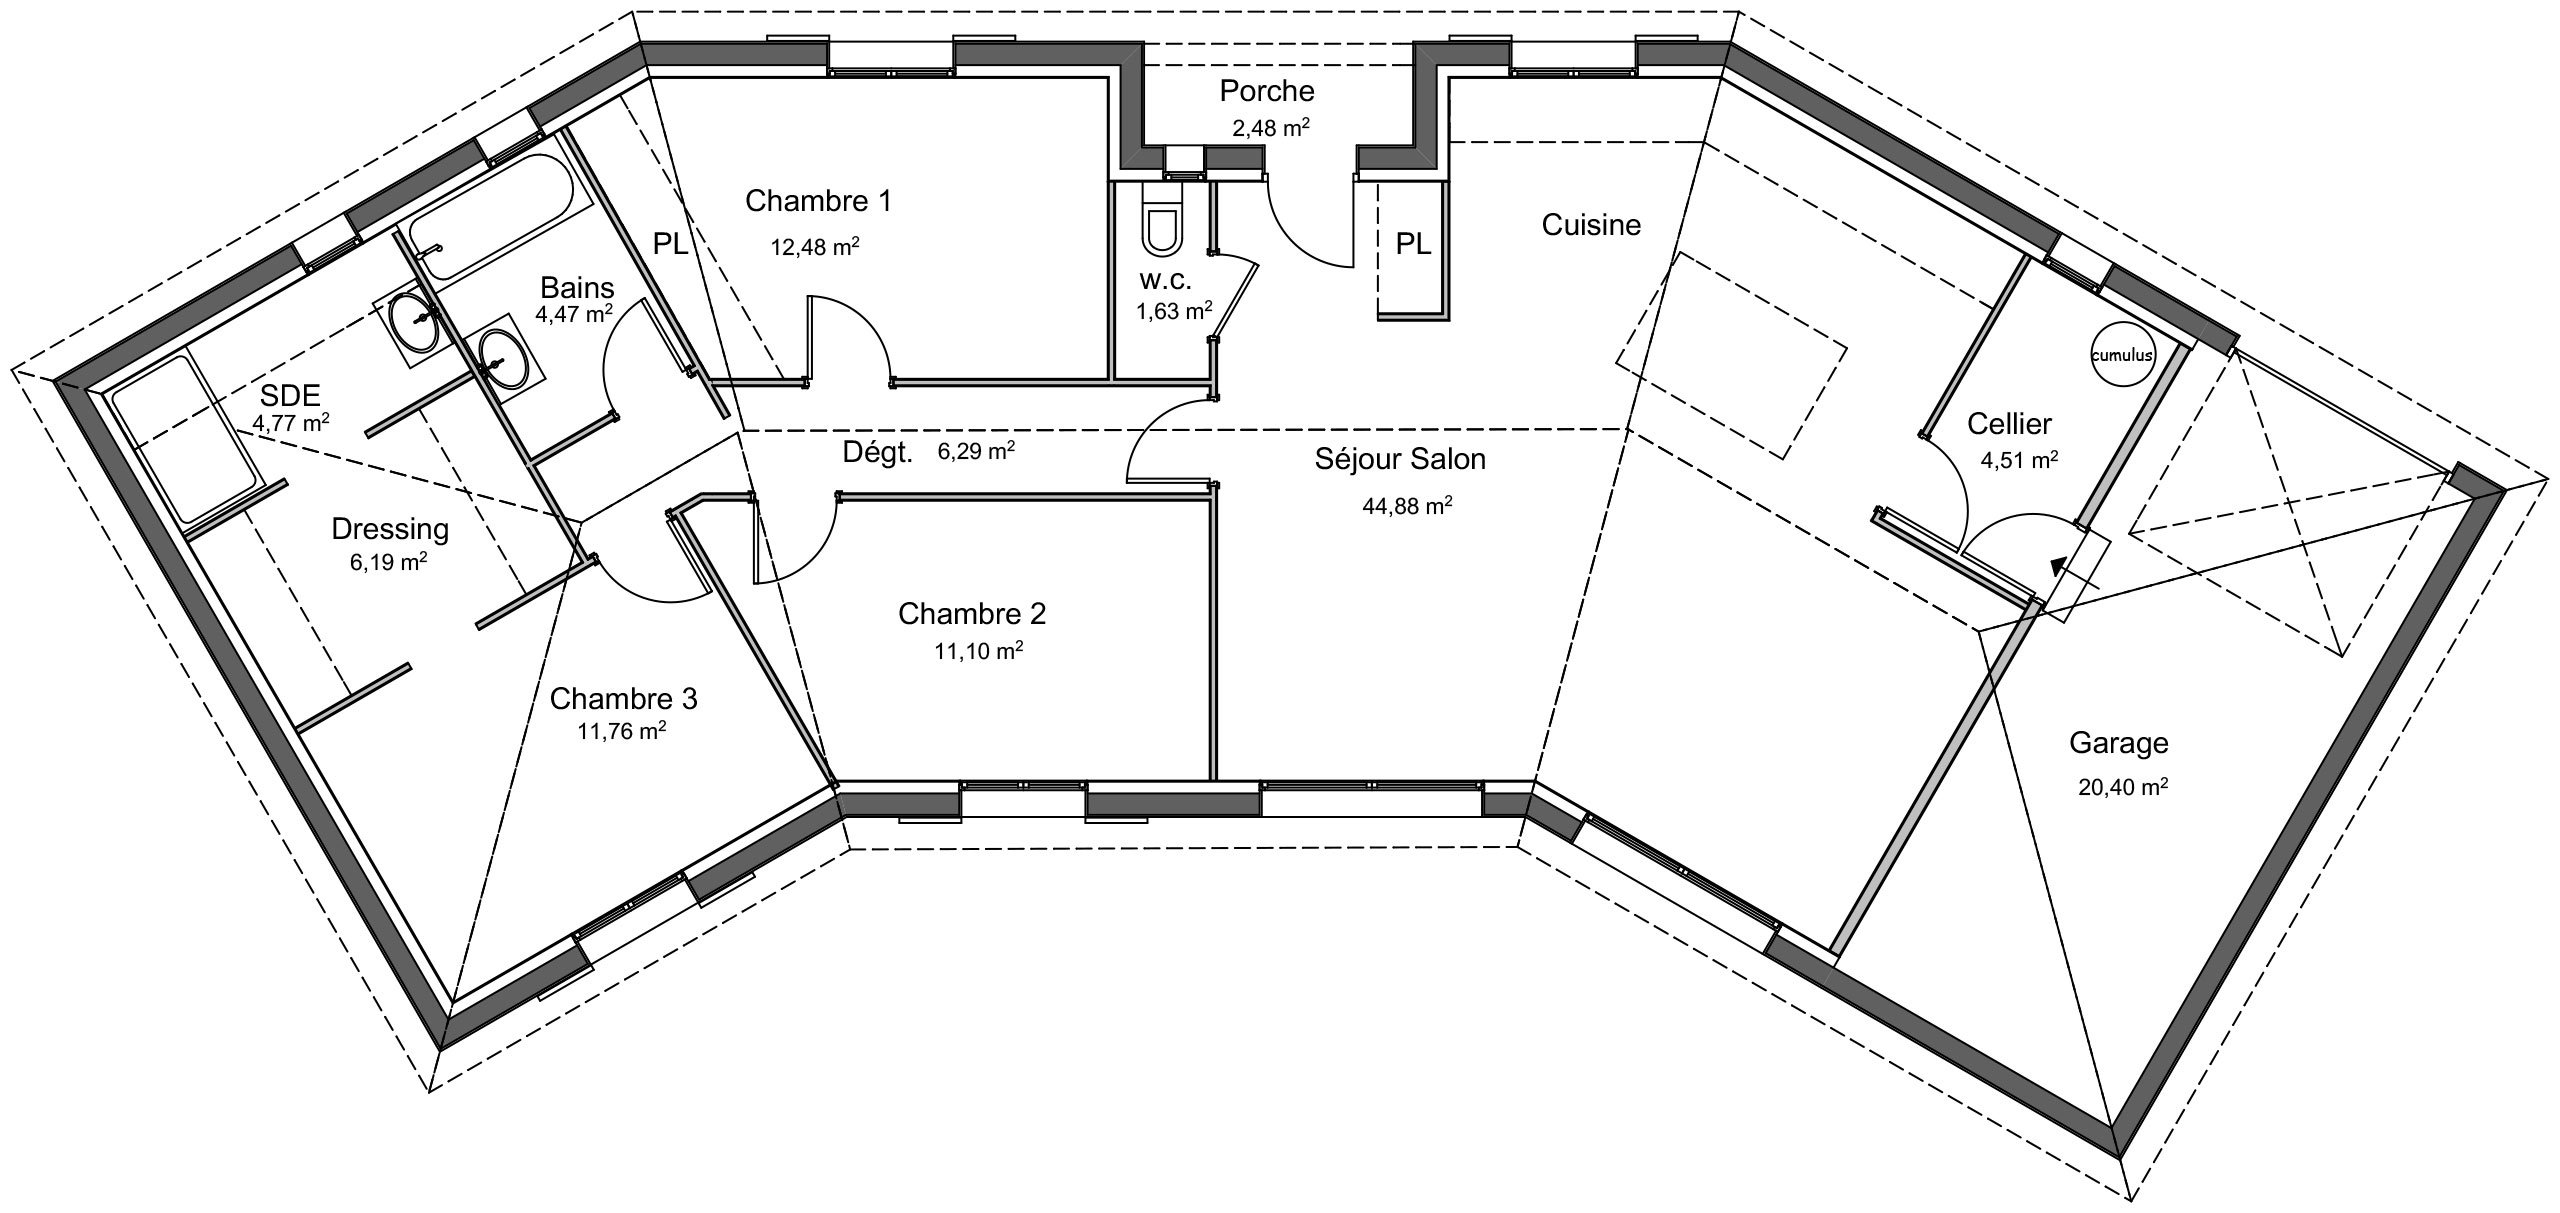 Maison Traditionnelle Plain Pied Cedre Avec Plans Demeures D